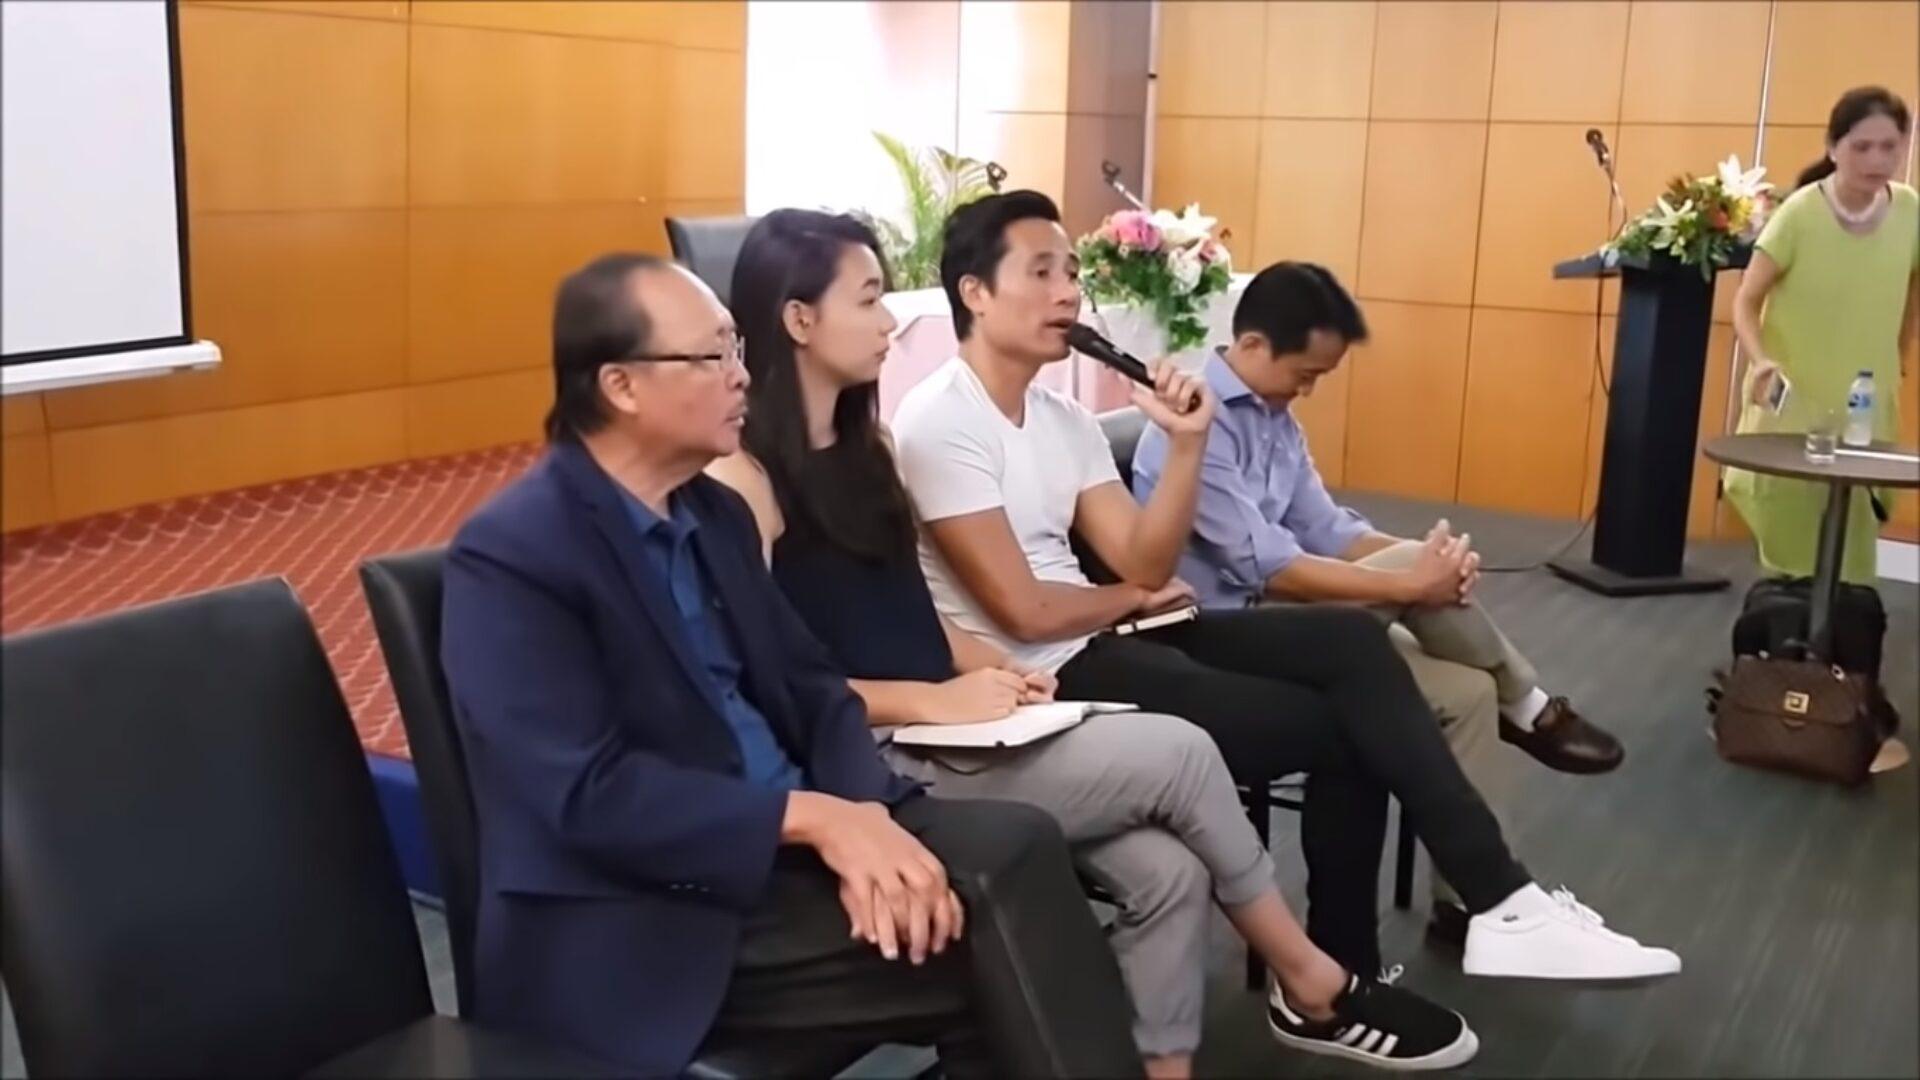 (Tiếng Việt) Thông báo của VOICE và VOICE Canada về vấn đề người tị nạn